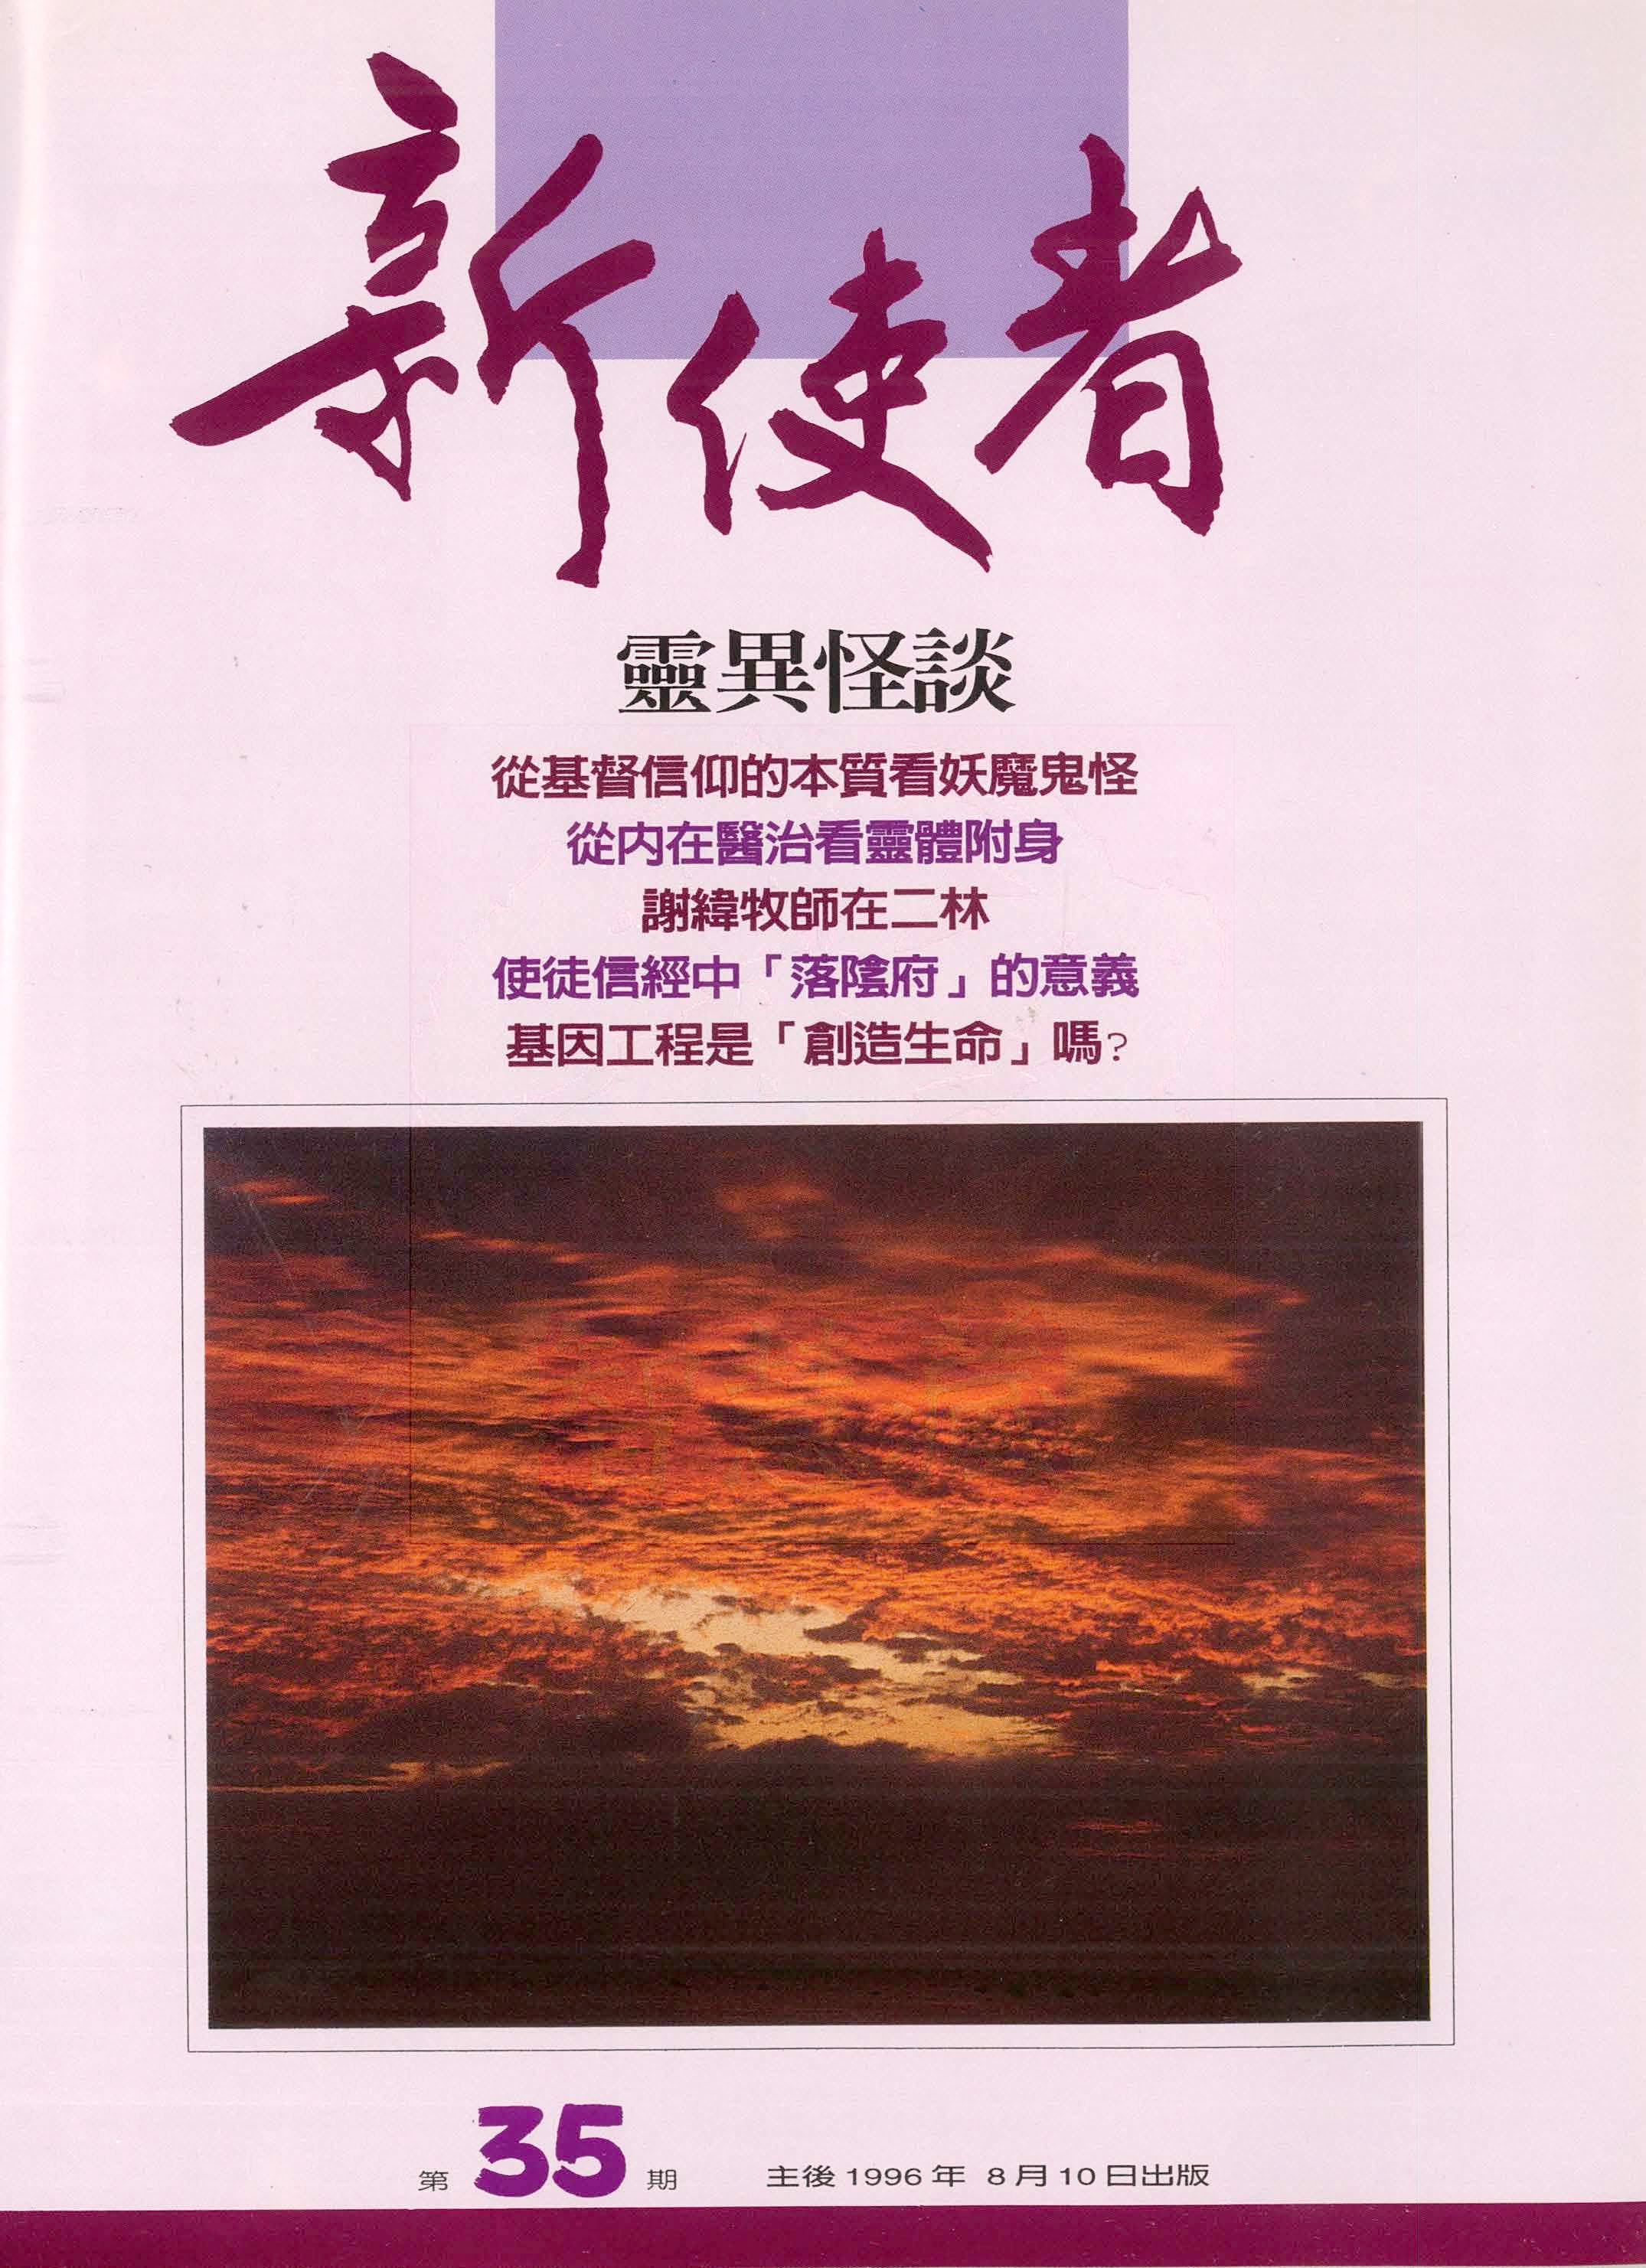 新使者雜誌 The New Messenger  35期  1996年  8月 靈異怪談